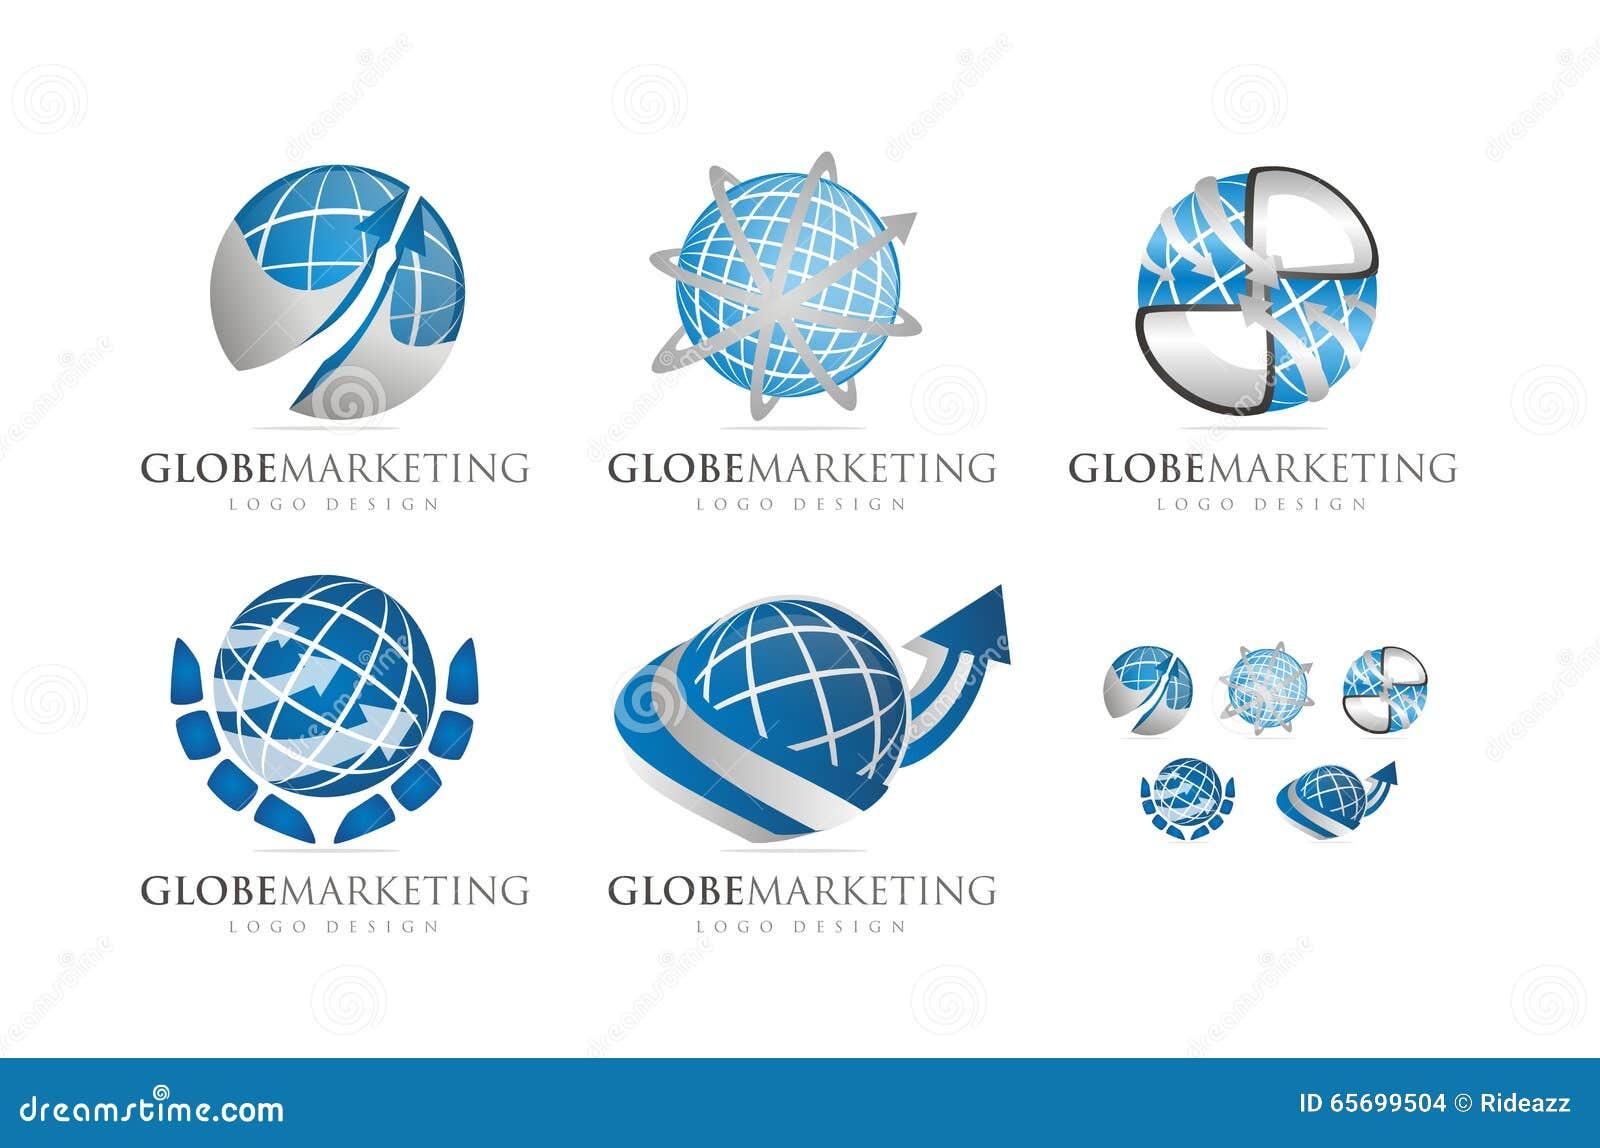 3d globe logo design wwwpixsharkcom images galleries